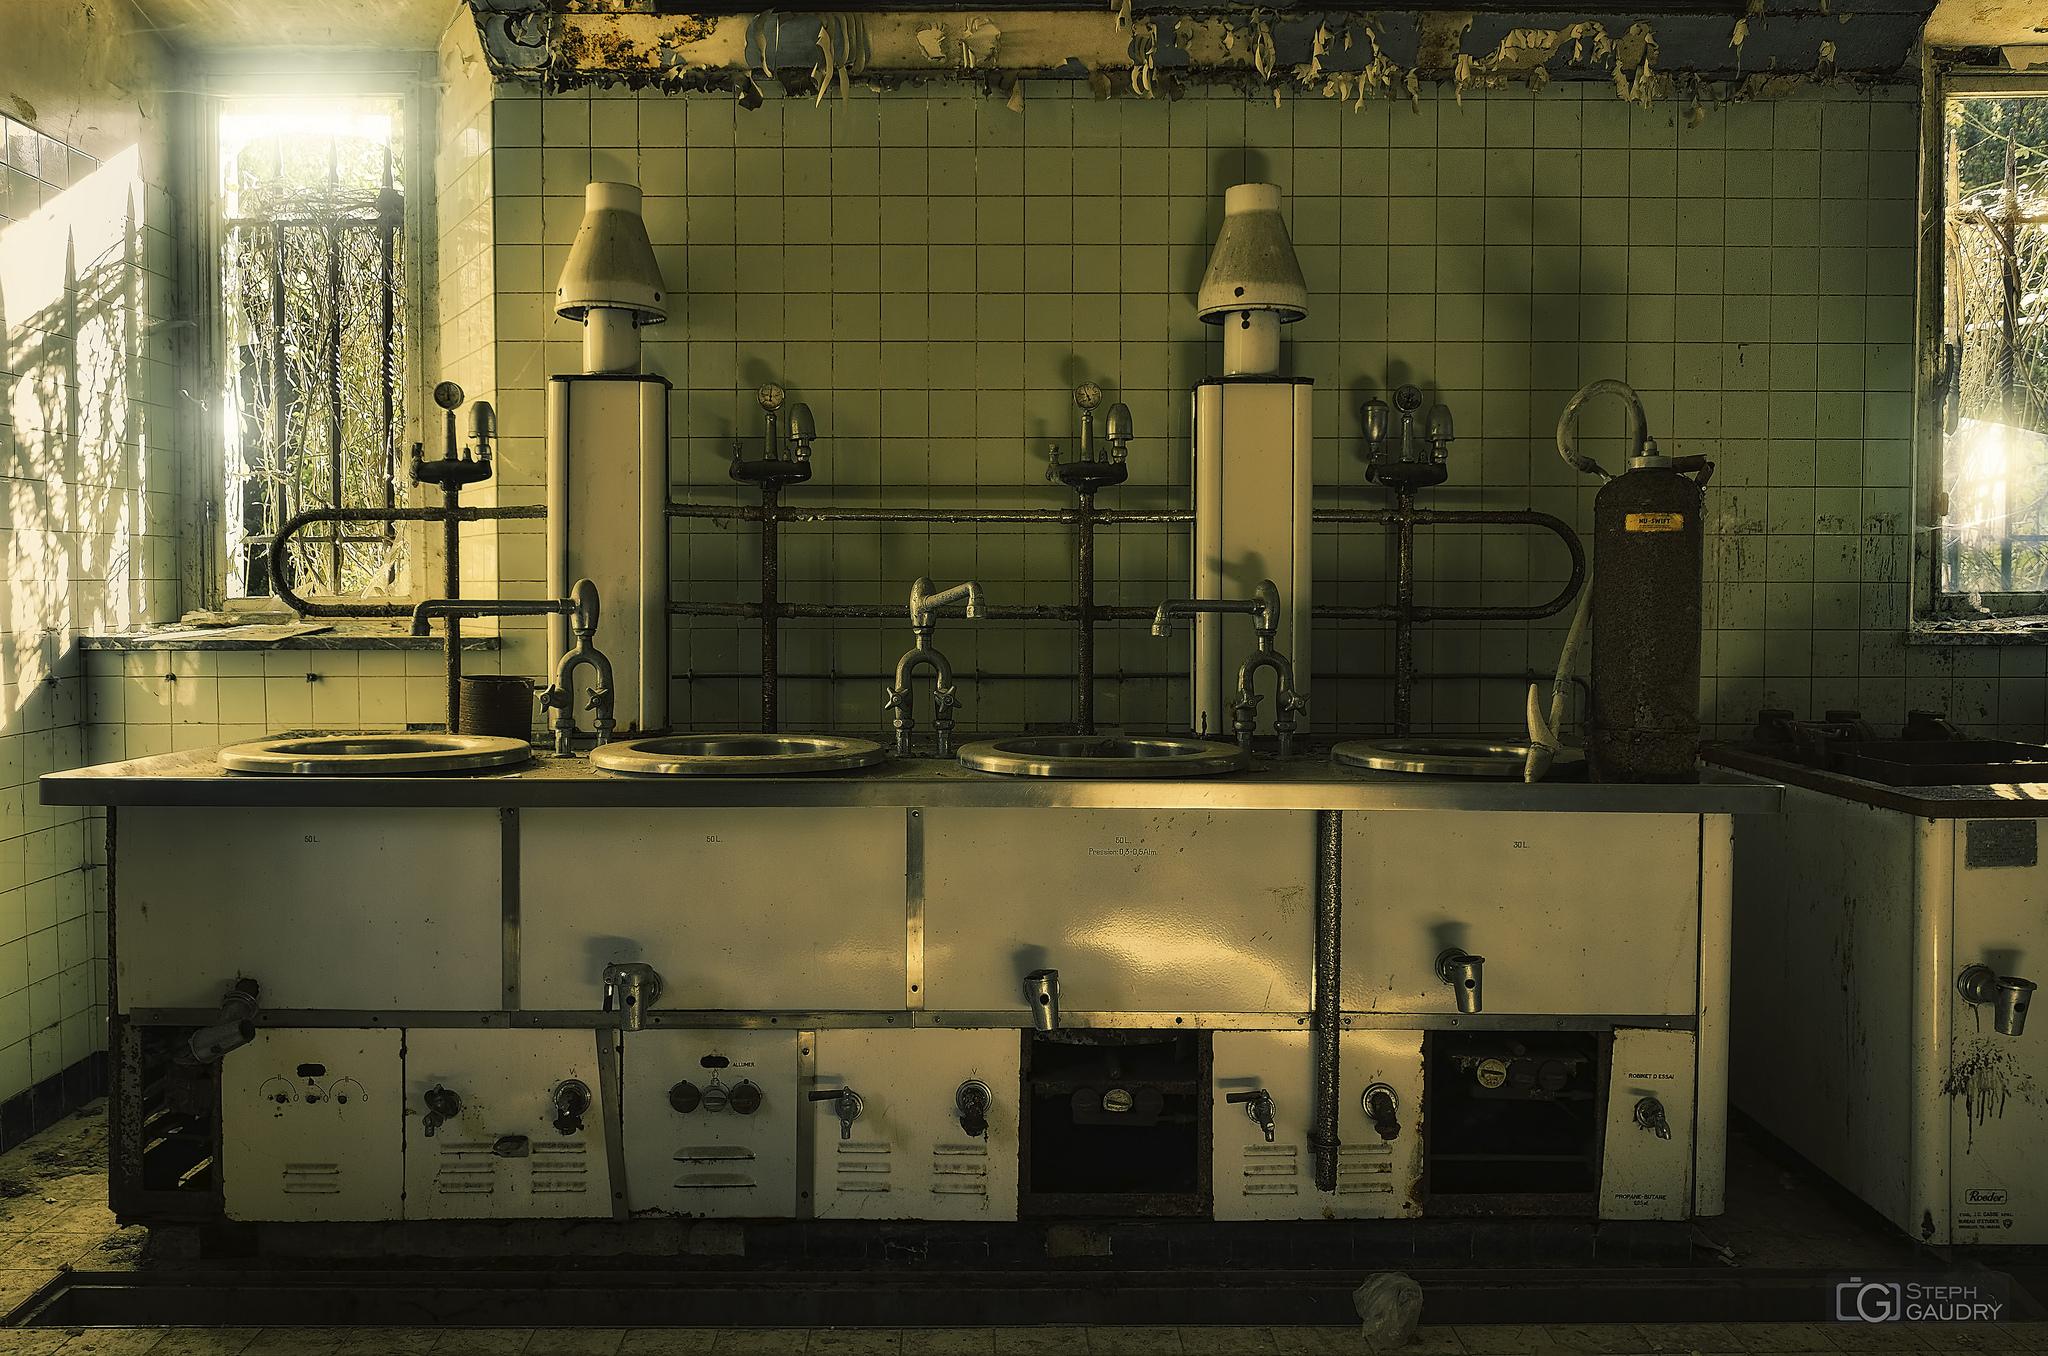 La cuisine du château de Noisy [Click to start slideshow]